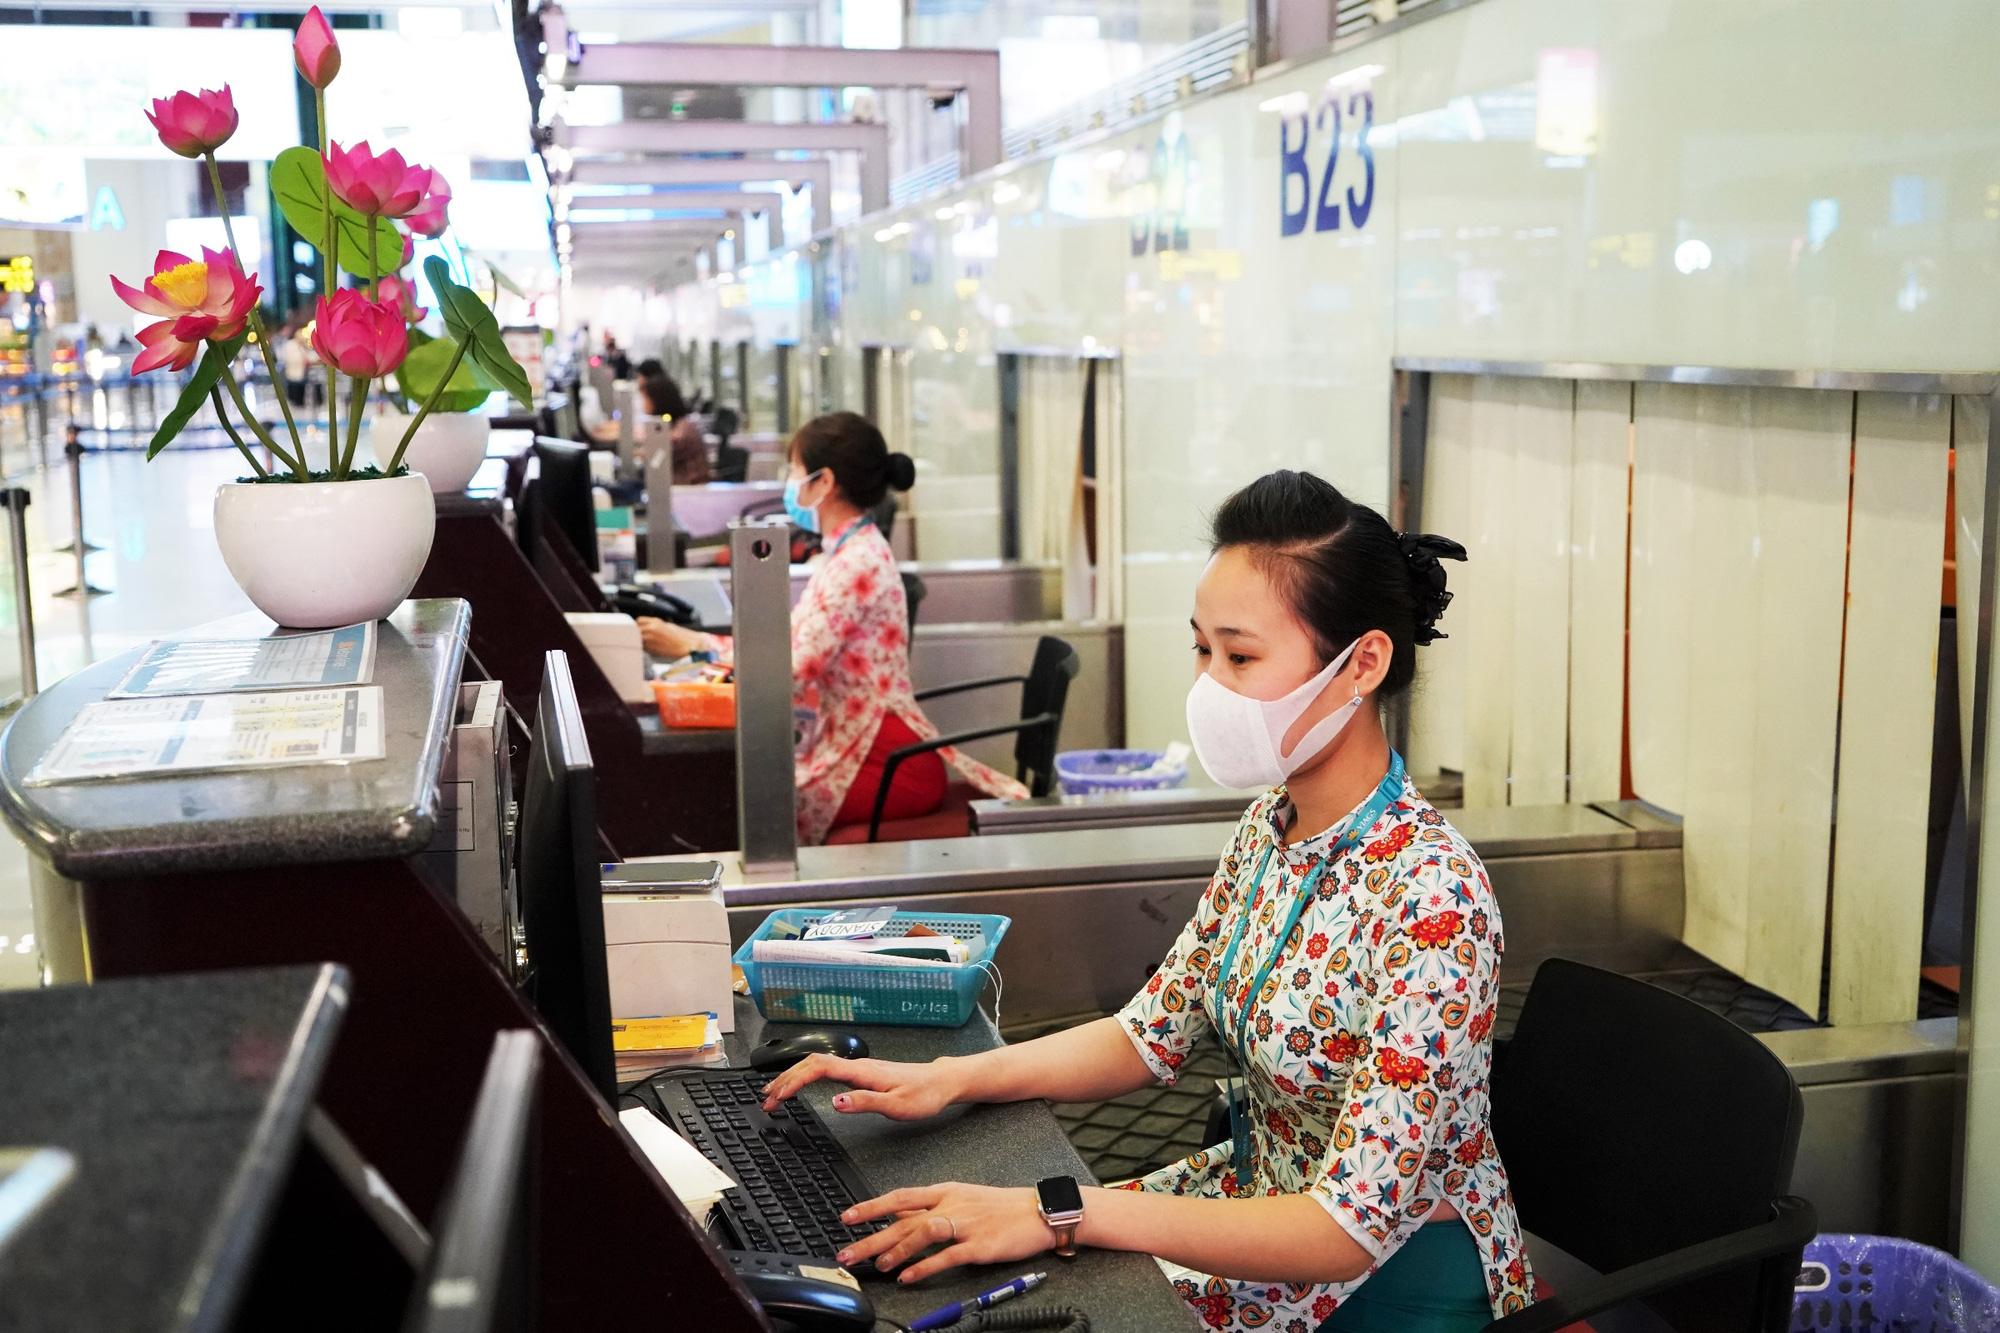 Lo dịch viêm phổi do virus corona, tiếp viên Vietnam Airlines đeo khẩu trang trên chuyến bay đến, đi từ Trung Quốc - Ảnh 1.